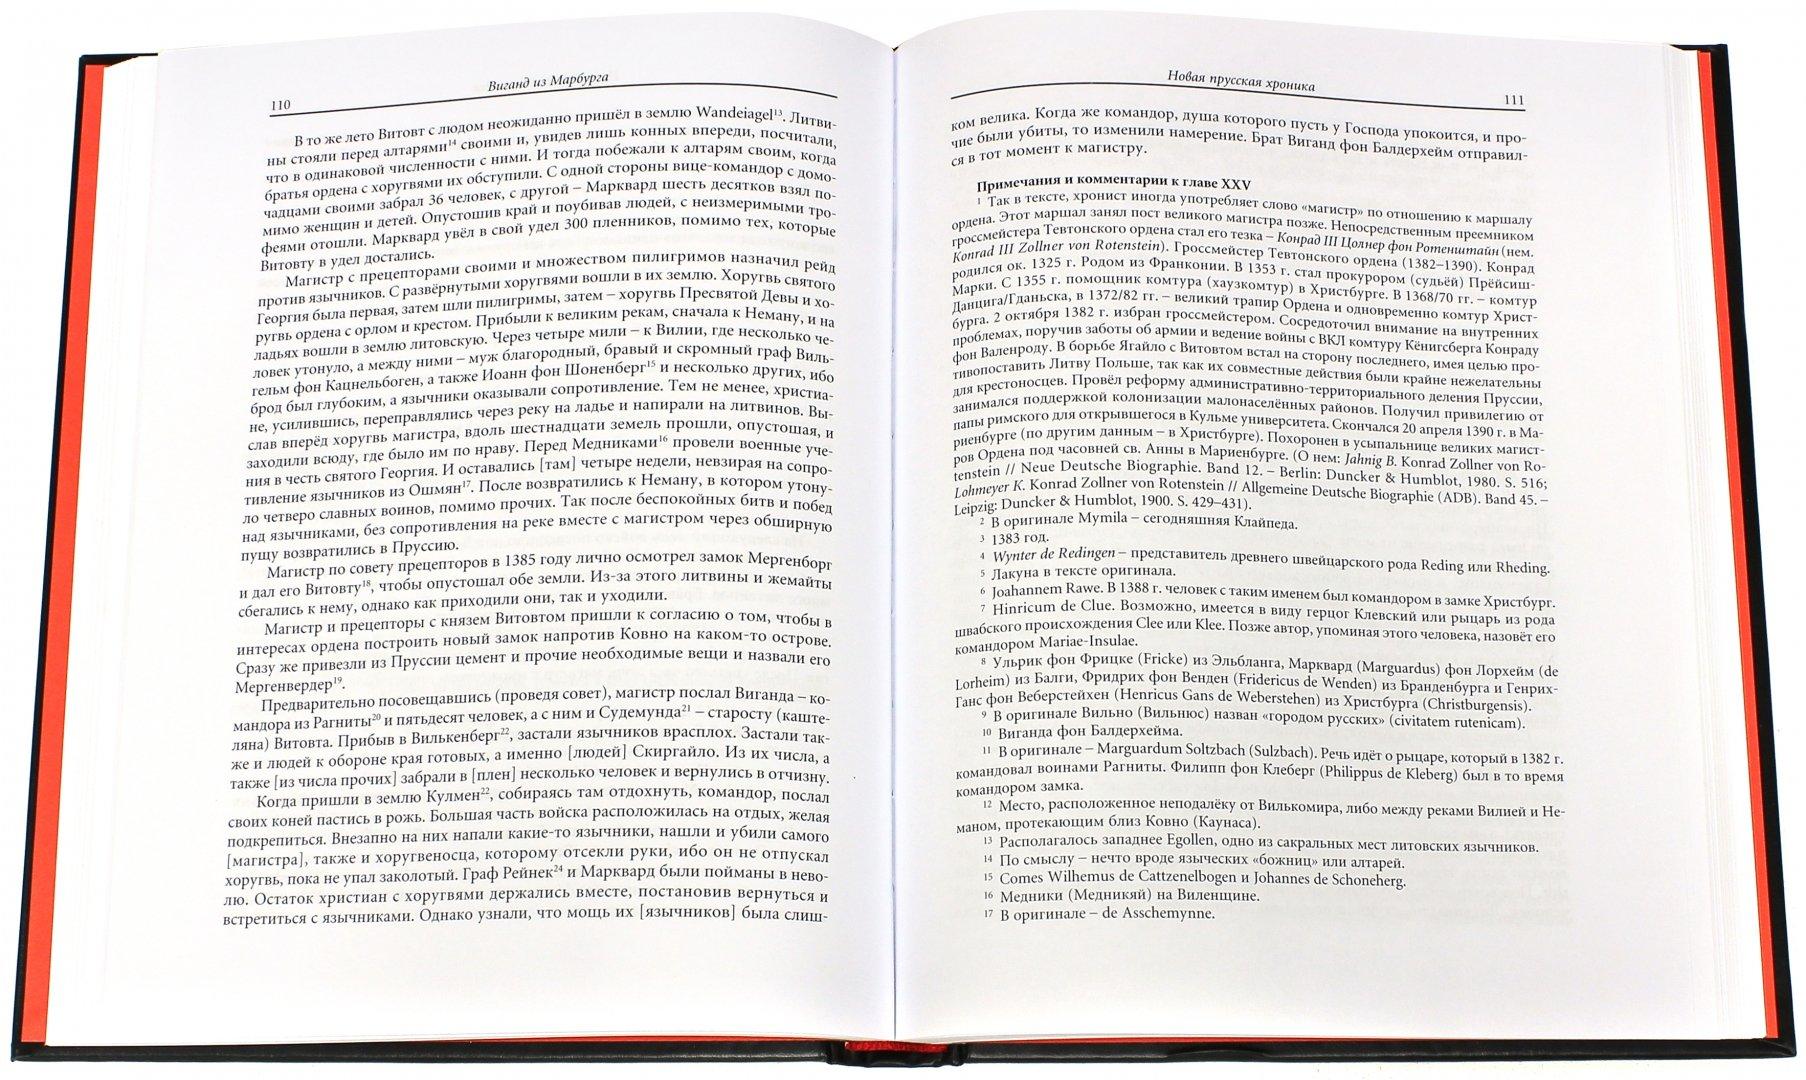 Иллюстрация 1 из 52 для Новая прусская хроника - из Виганд   Лабиринт - книги. Источник: Лабиринт